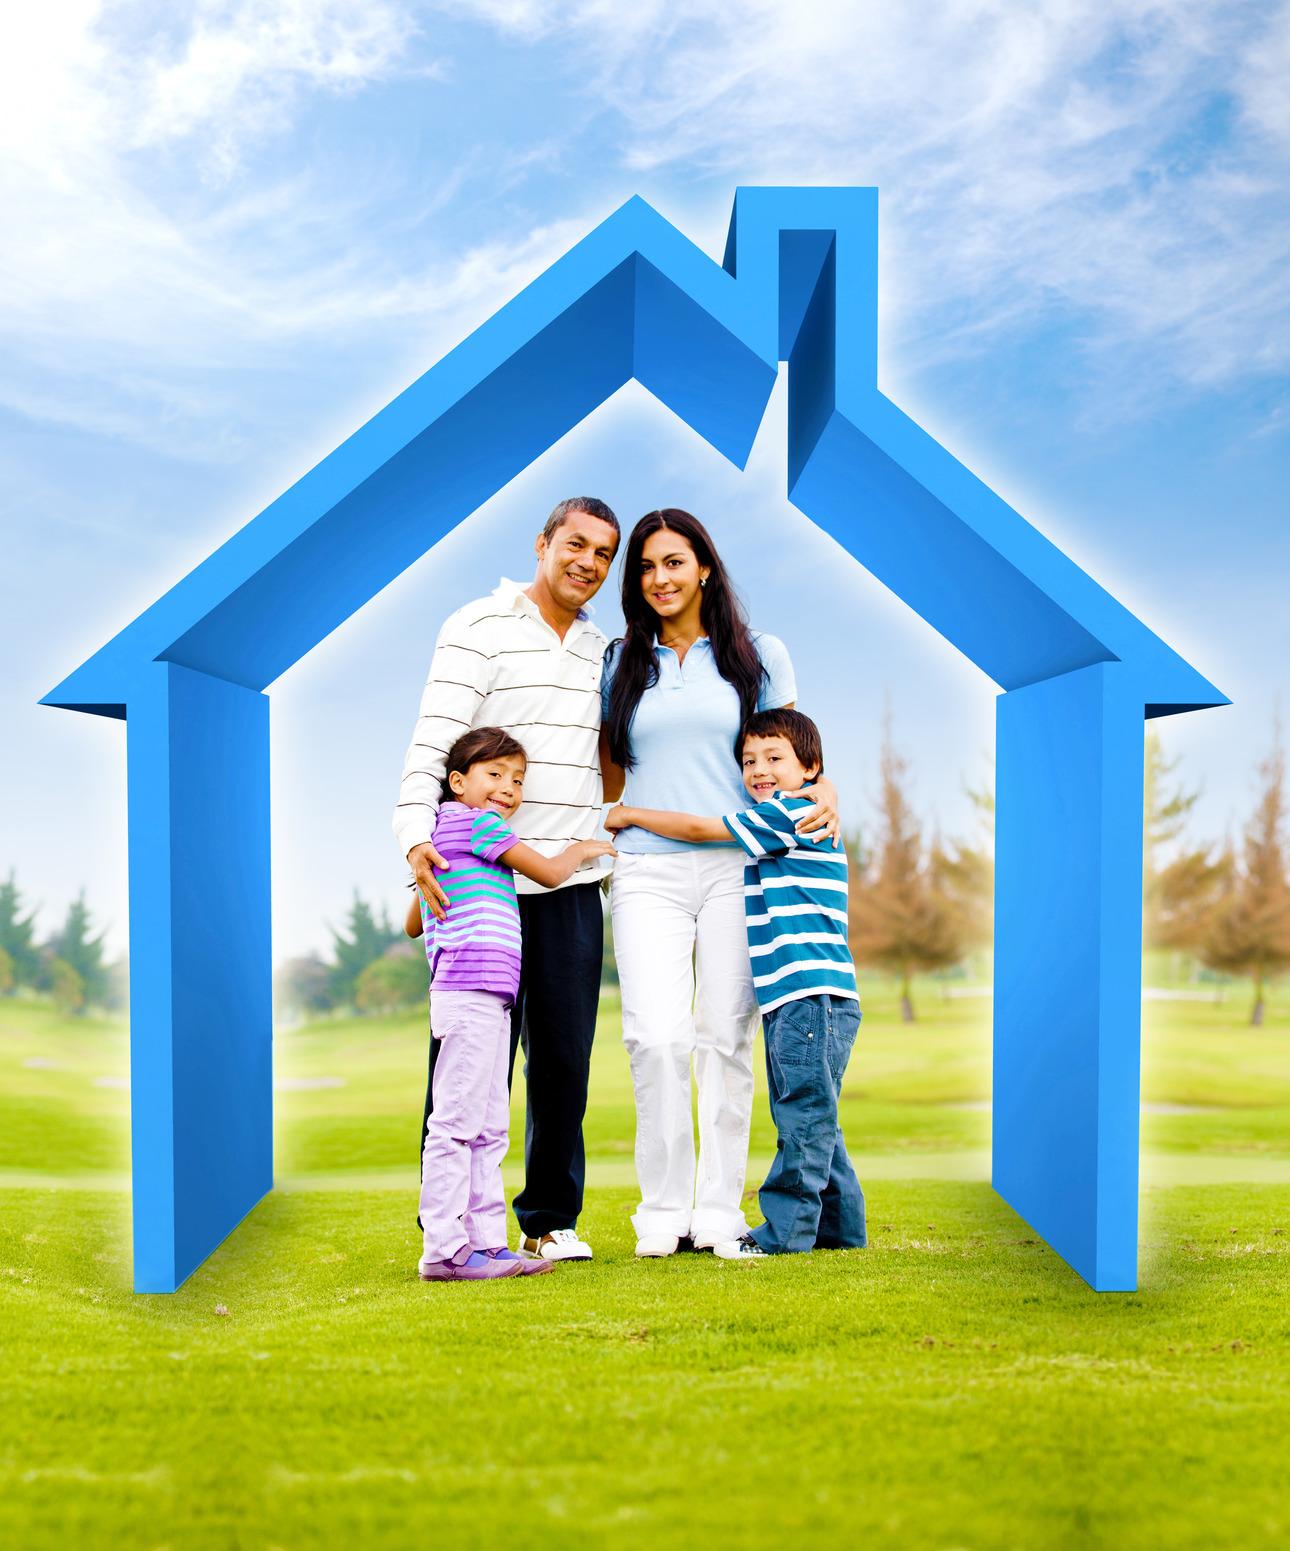 фото недвижимости семья так